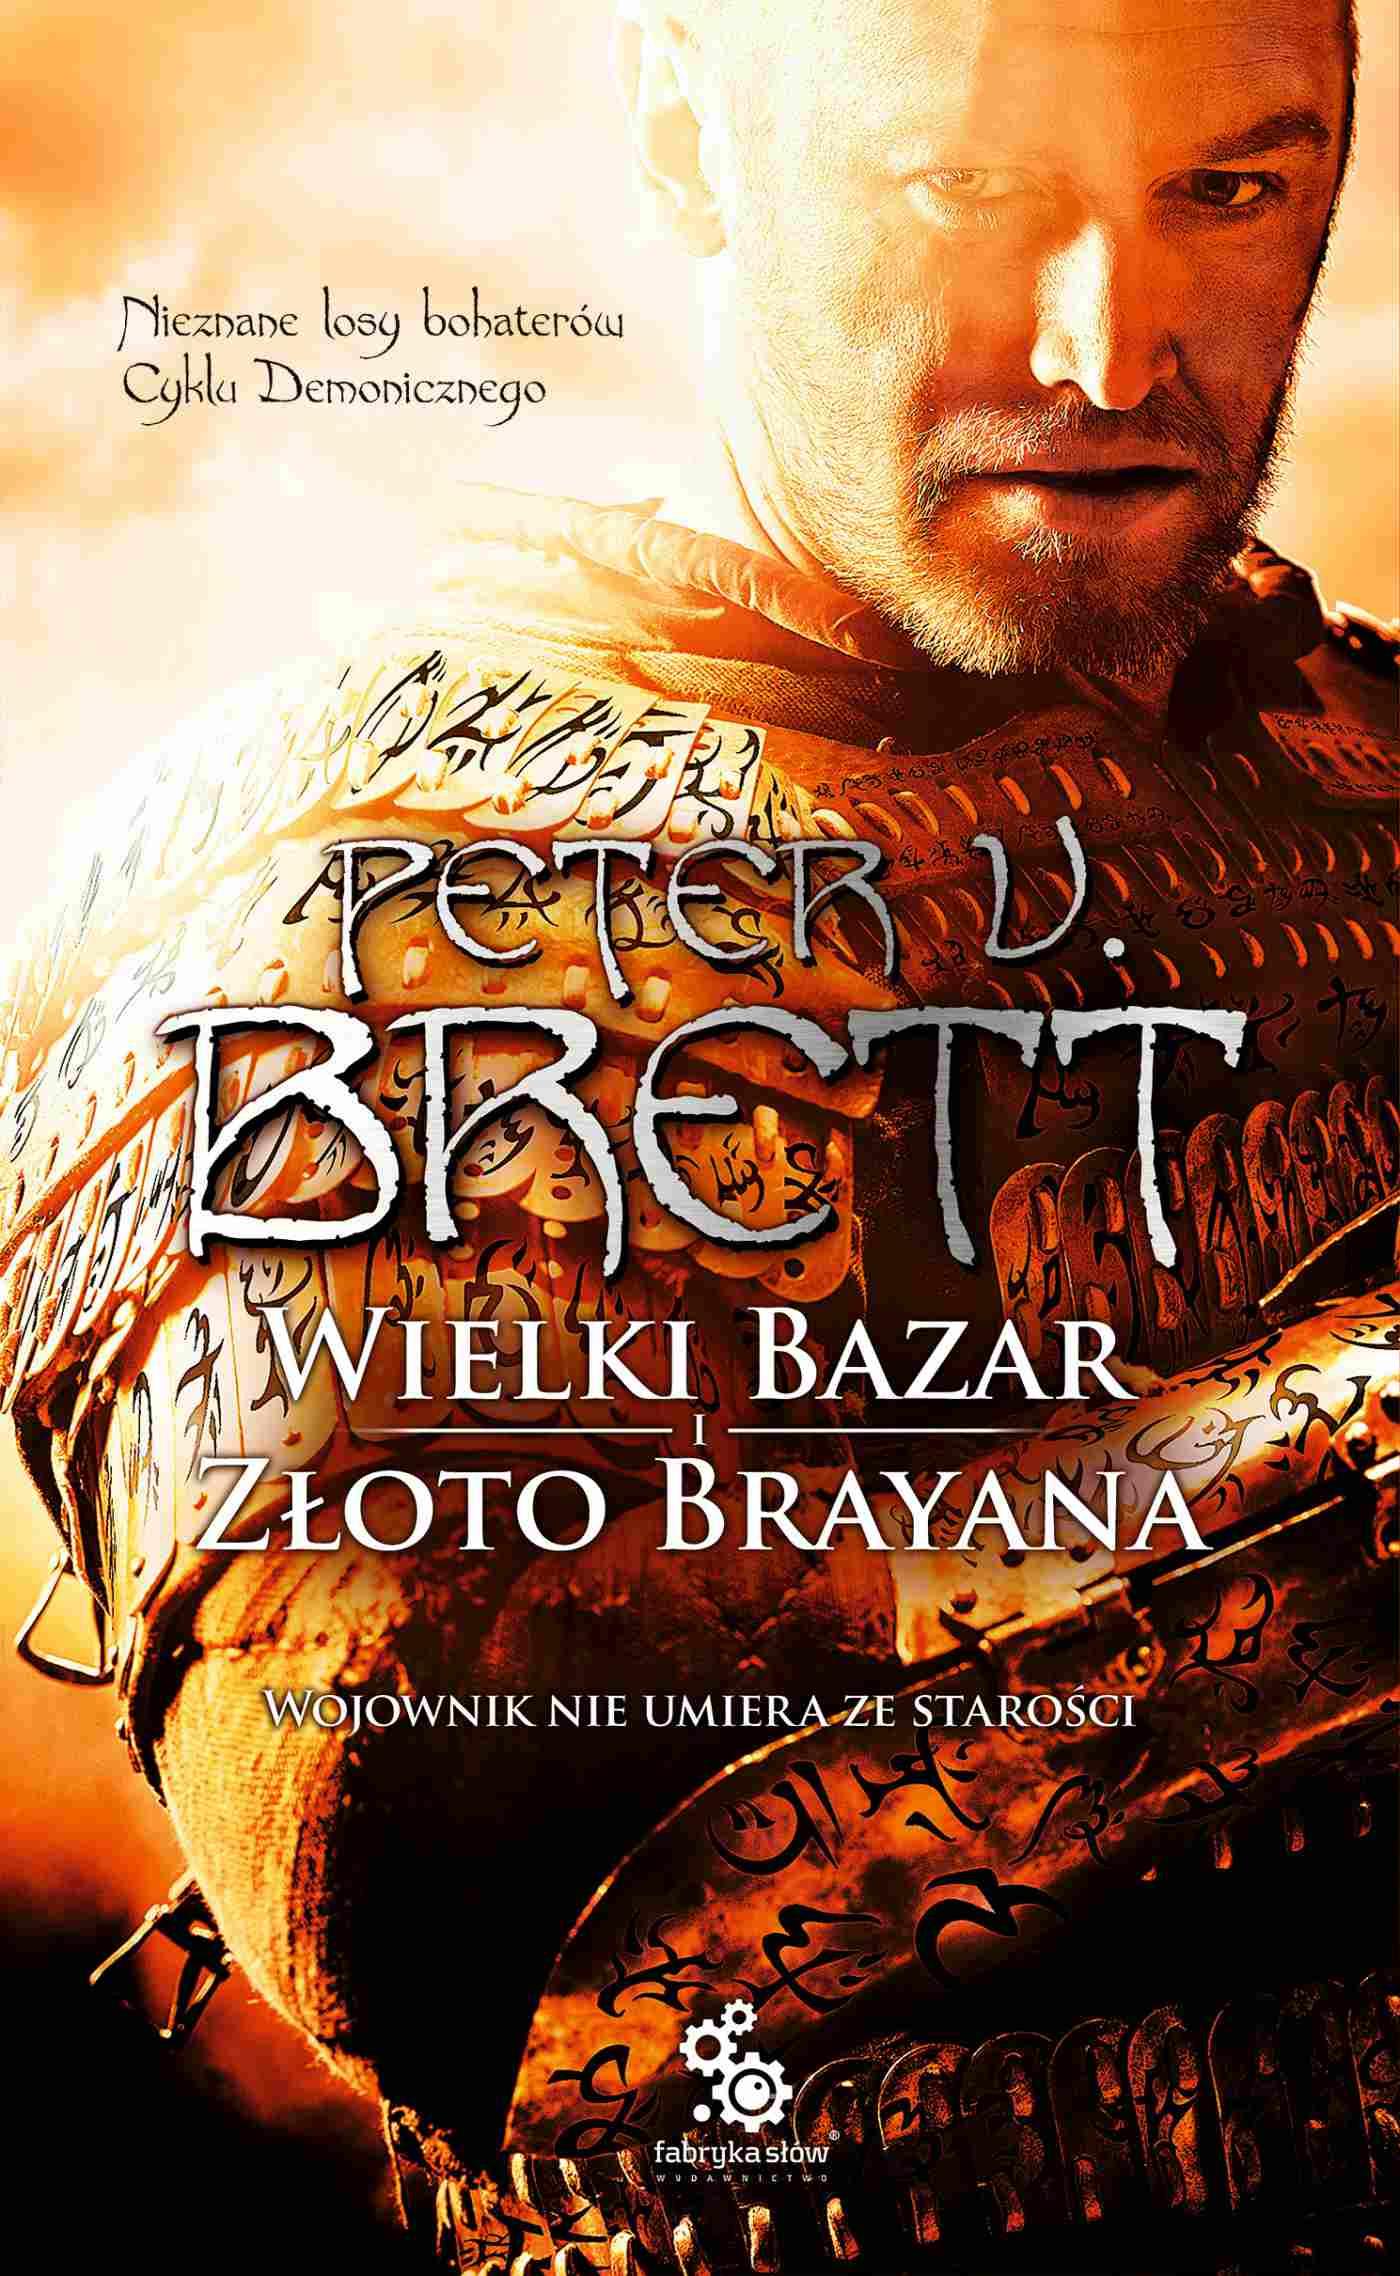 Wielki Bazar. Złoto Brayana - Ebook (Książka EPUB) do pobrania w formacie EPUB